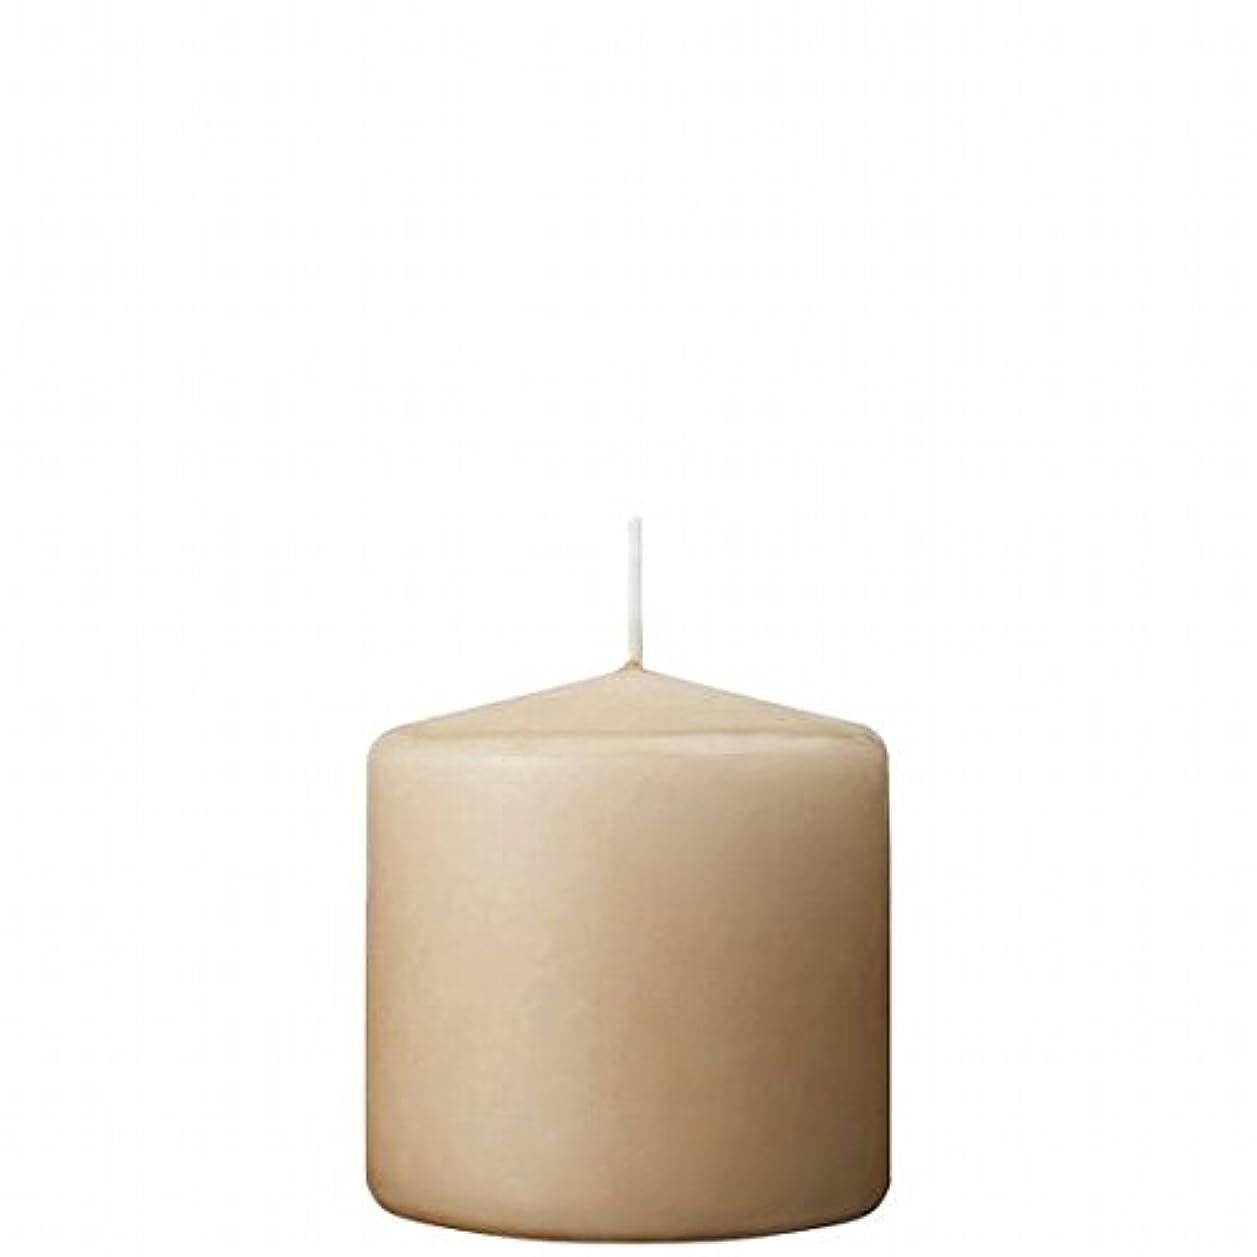 すなわちテーブルを設定する枯渇するkameyama candle(カメヤマキャンドル) 3×3ベルトップピラーキャンドル 「 ベージュ 」(A9730000BG)